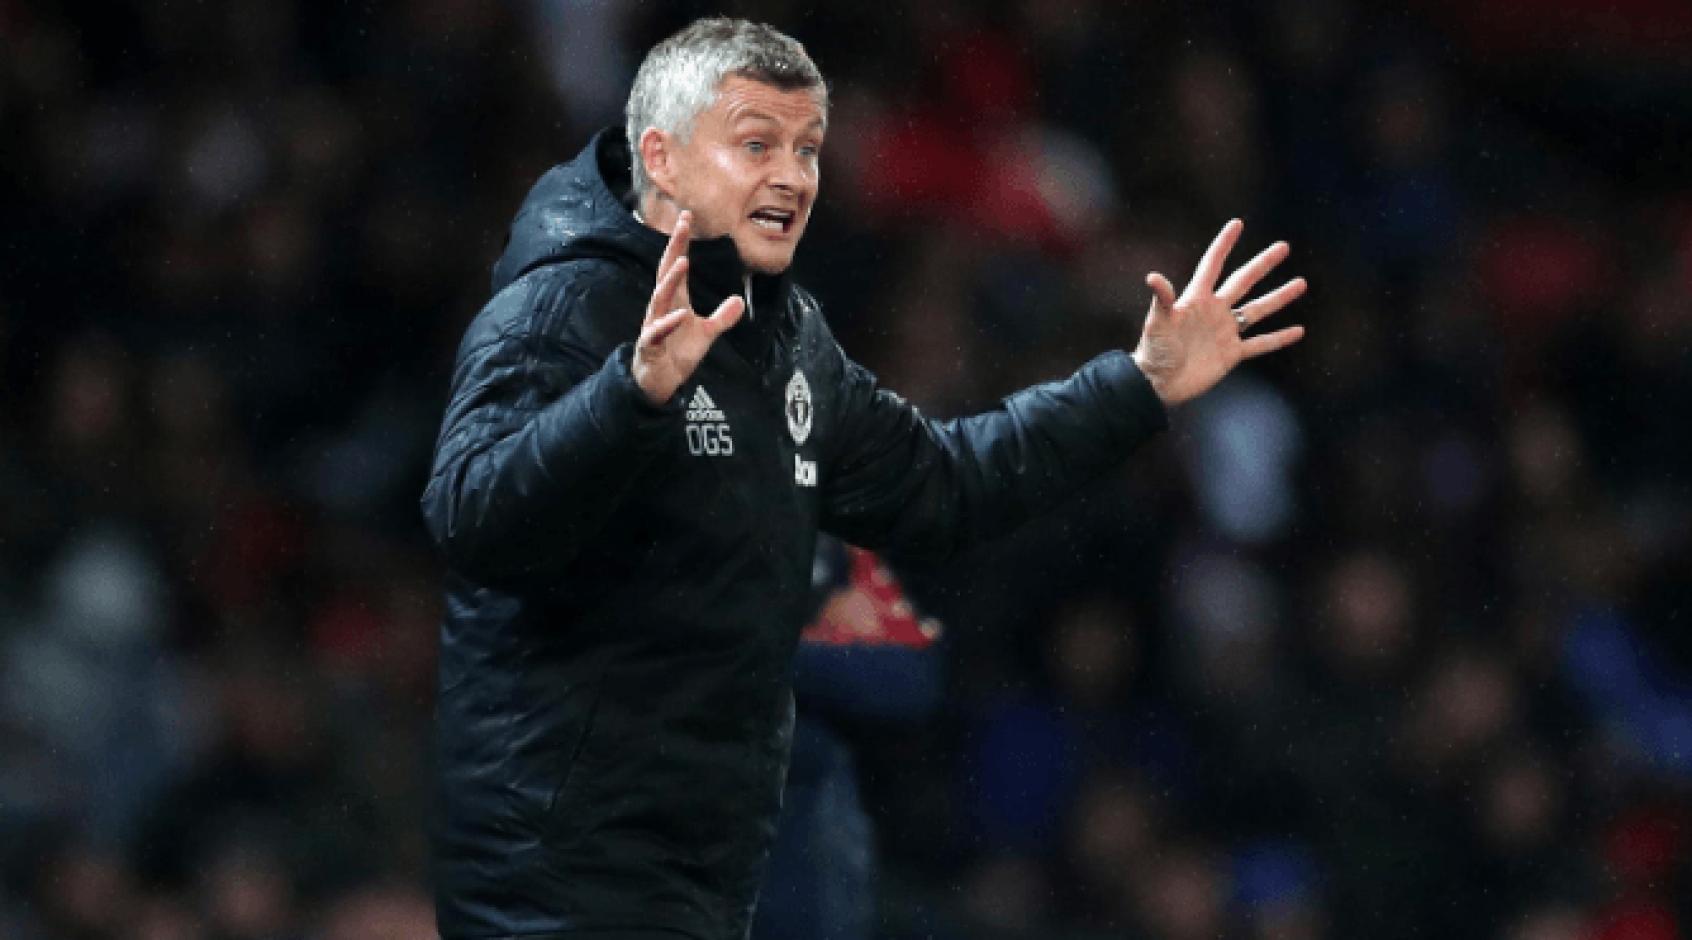 """""""Манчестер Юнайтед"""" впервые в истории не сумел попасть в створ ворот в Лиге Европы"""